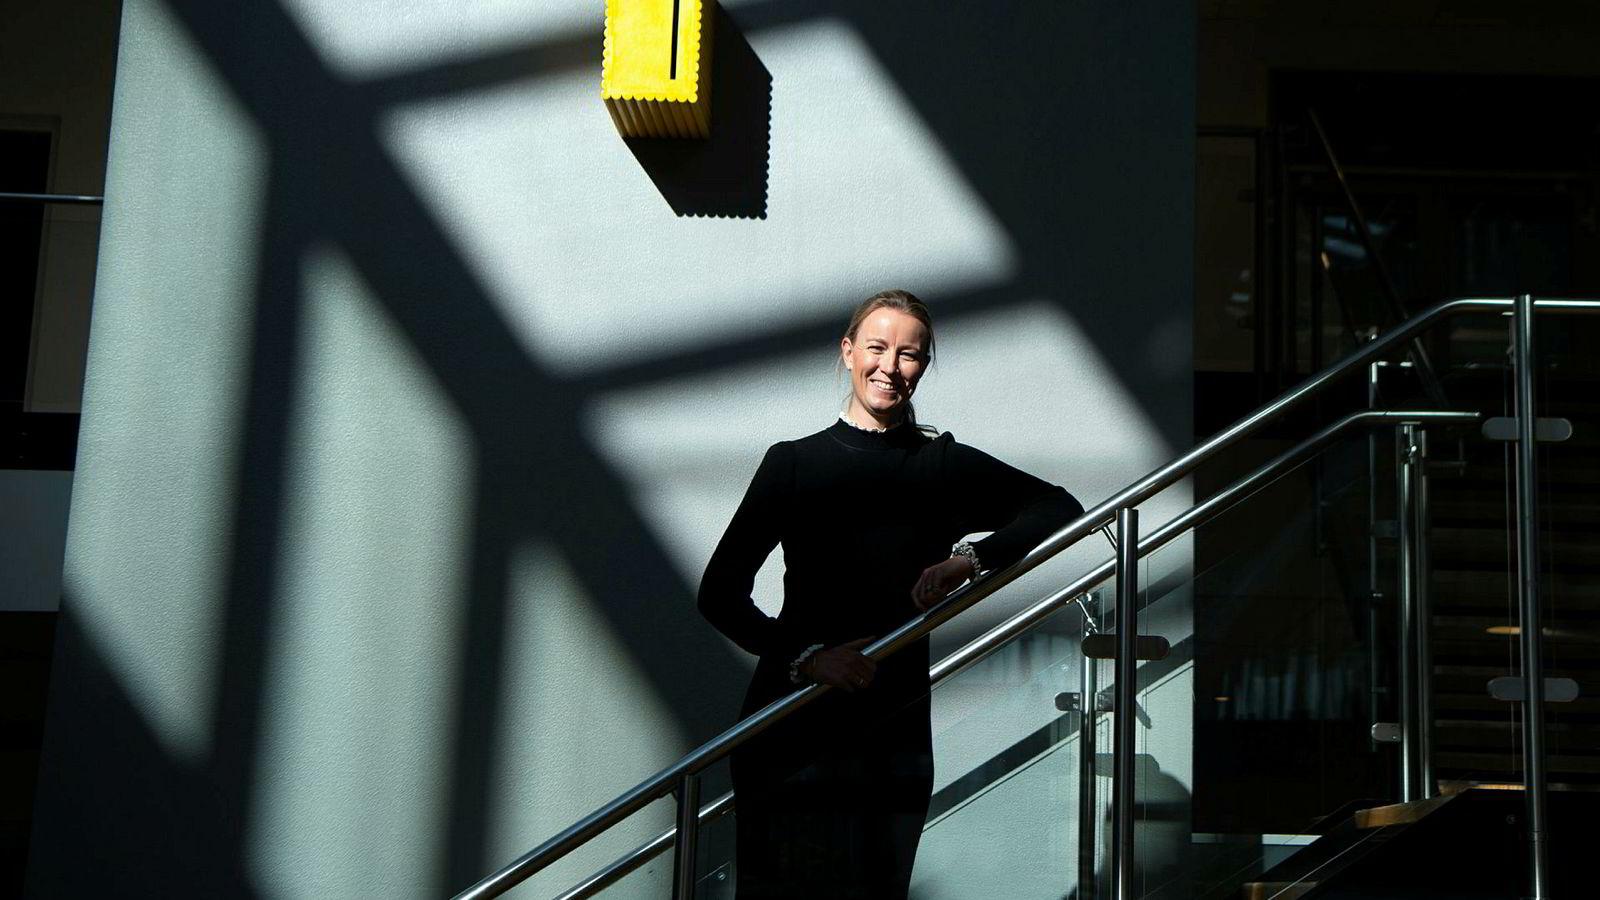 Caroline Johansen er banksjef i Storebrand. Fra torsdag vil finanskonsernet tilby historiske lave fastrenter på sine langtidslån.